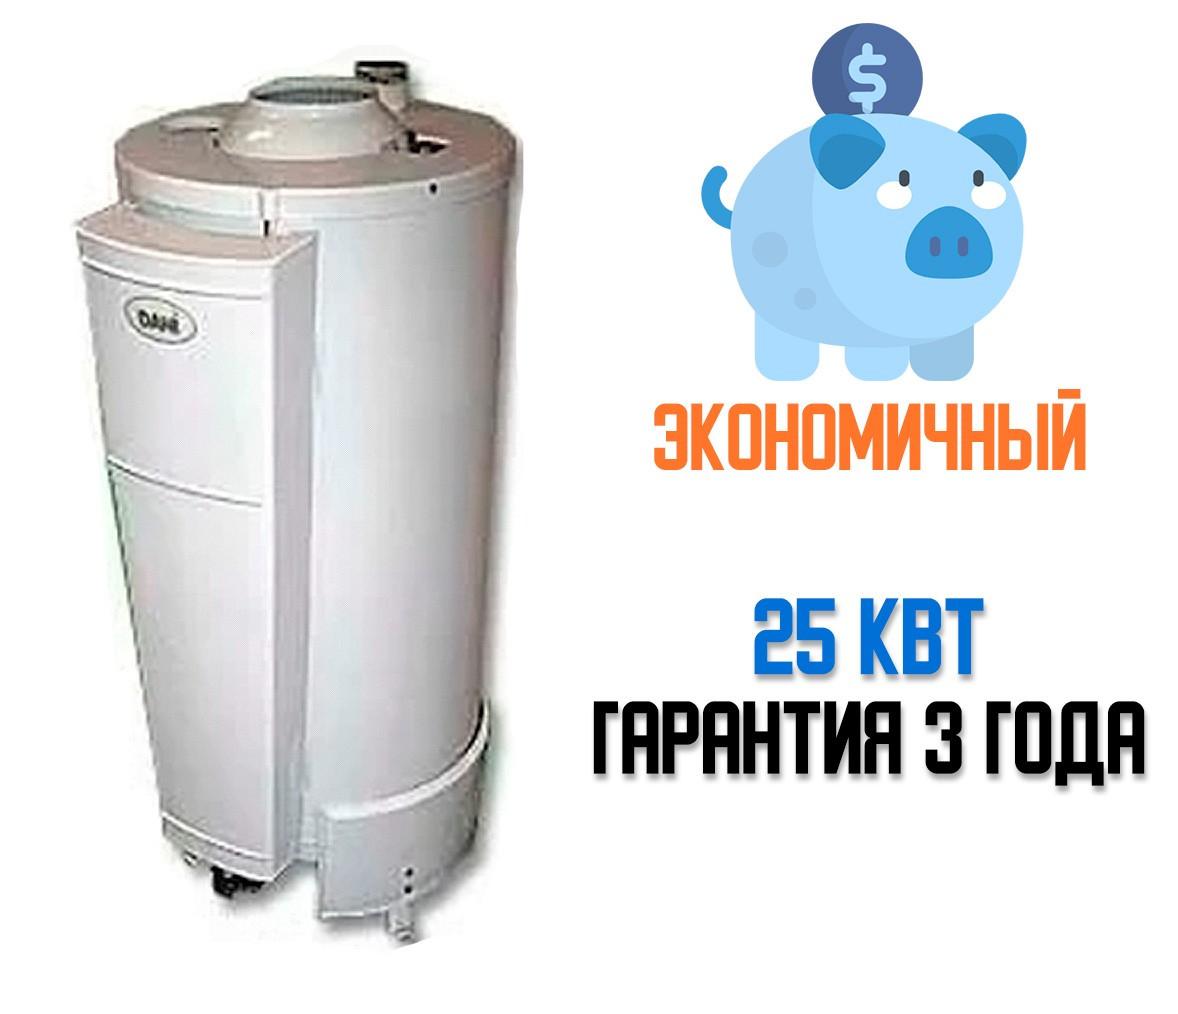 Котел газовый Дани (Dani) FORTE D 25 дымоходный